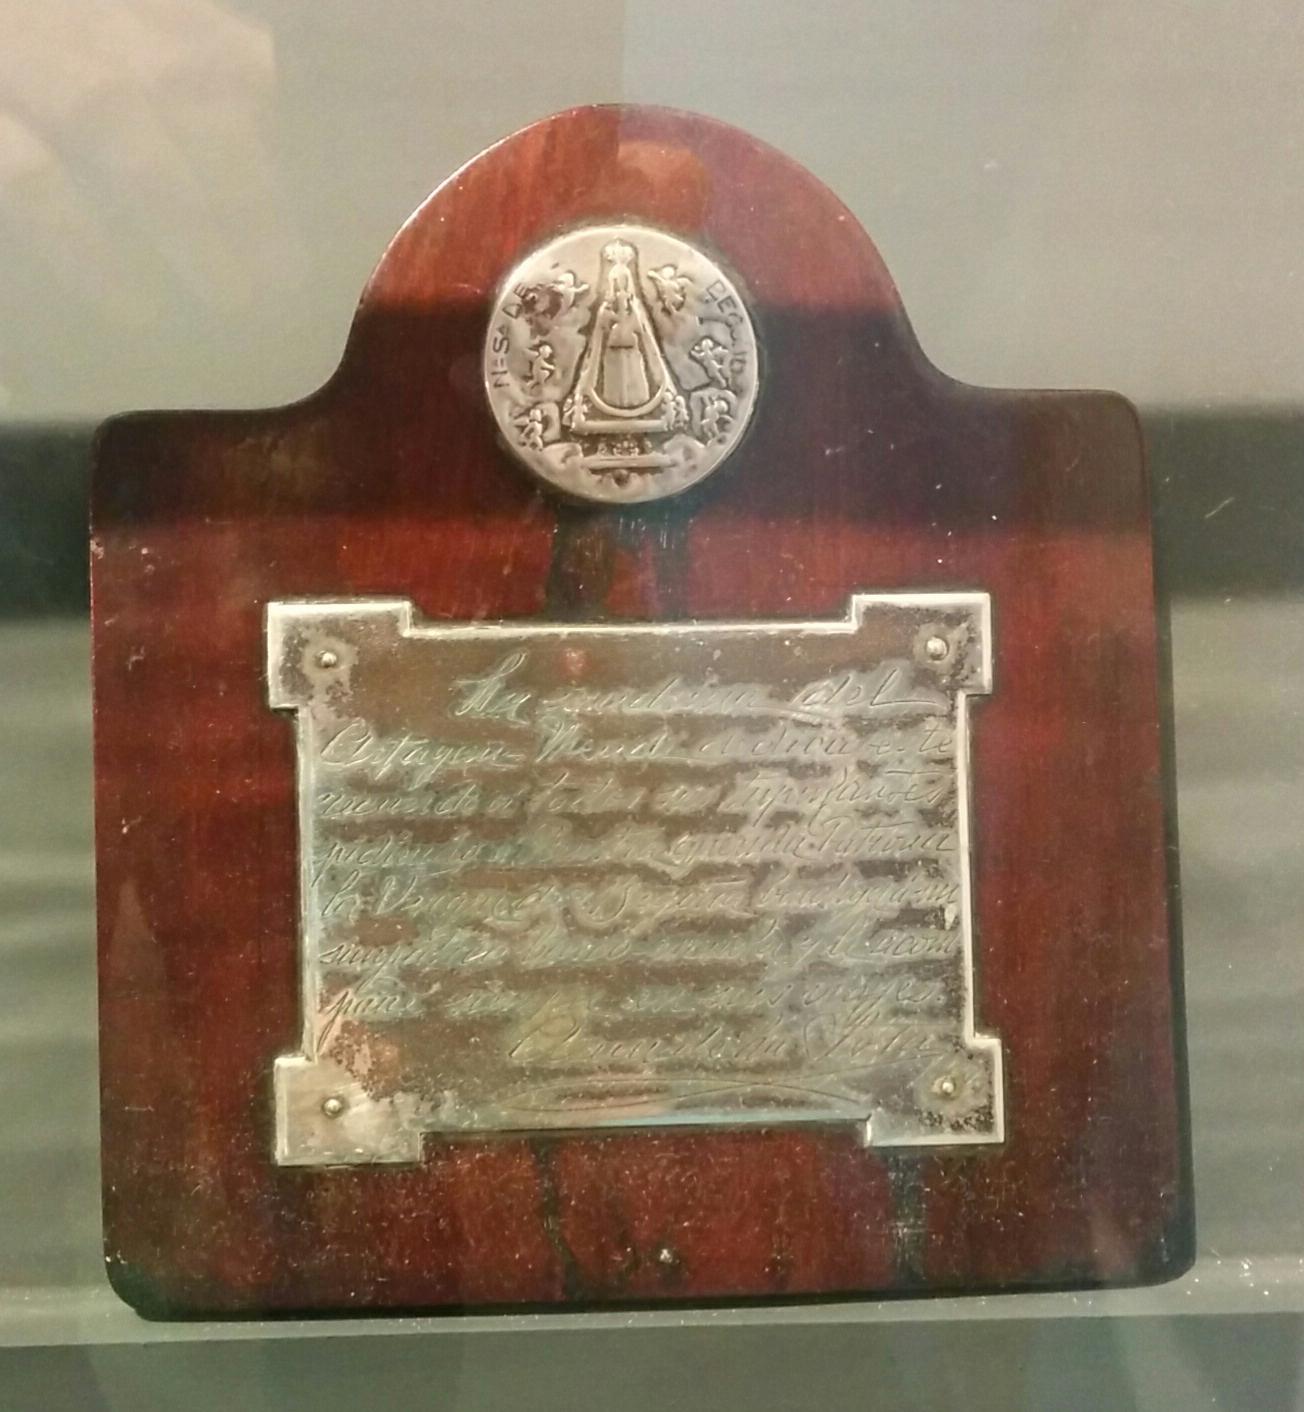 Recuerdo de la madrina de la botadura del buque 'Artagan Mendi' para todos los tripulantes